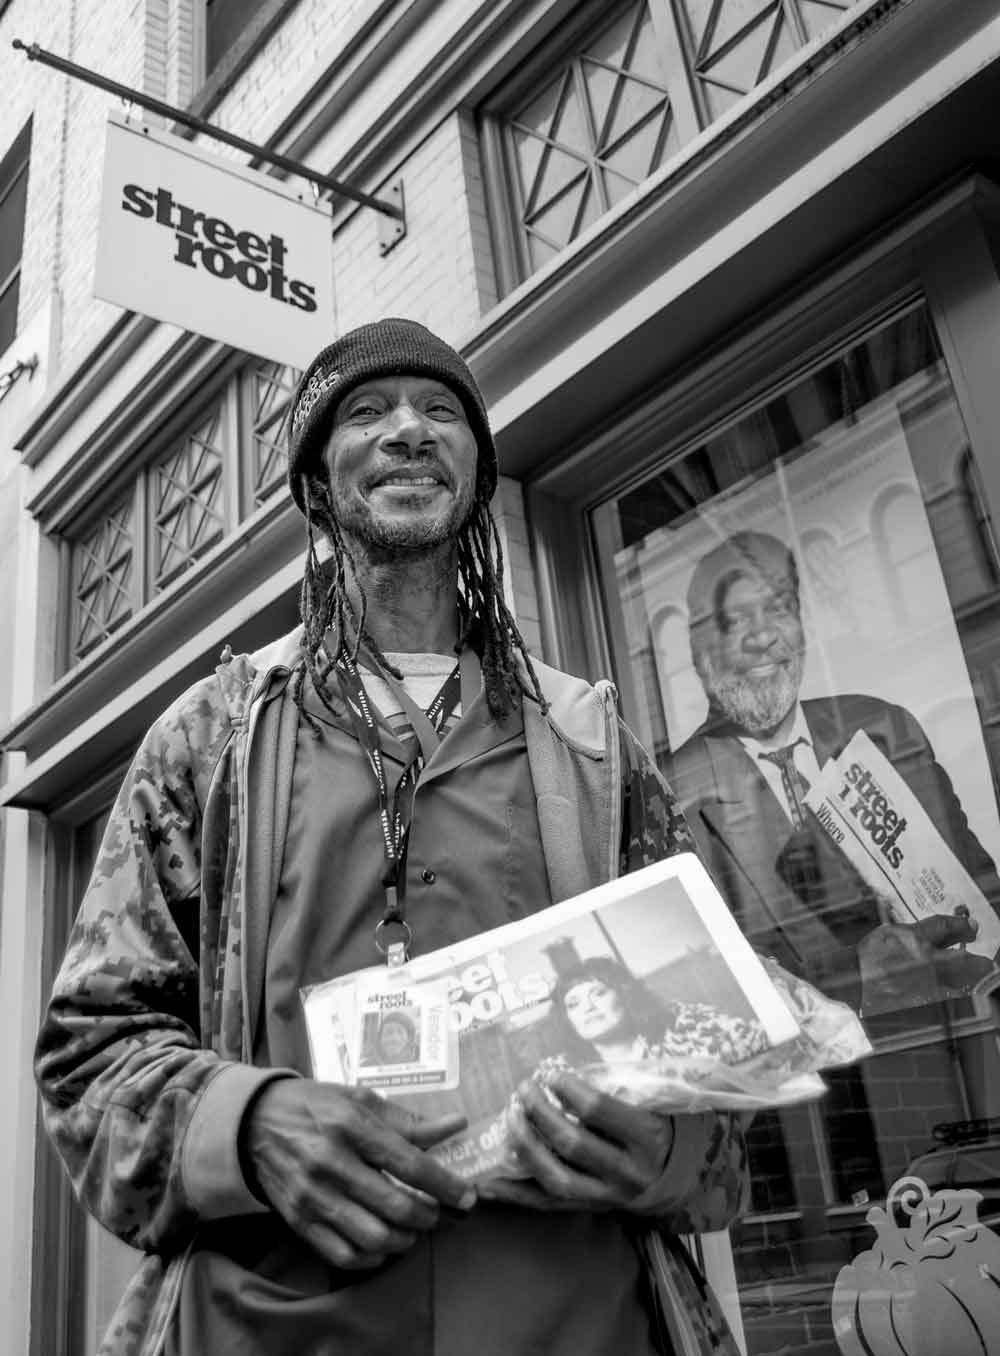 Street Roots vendor